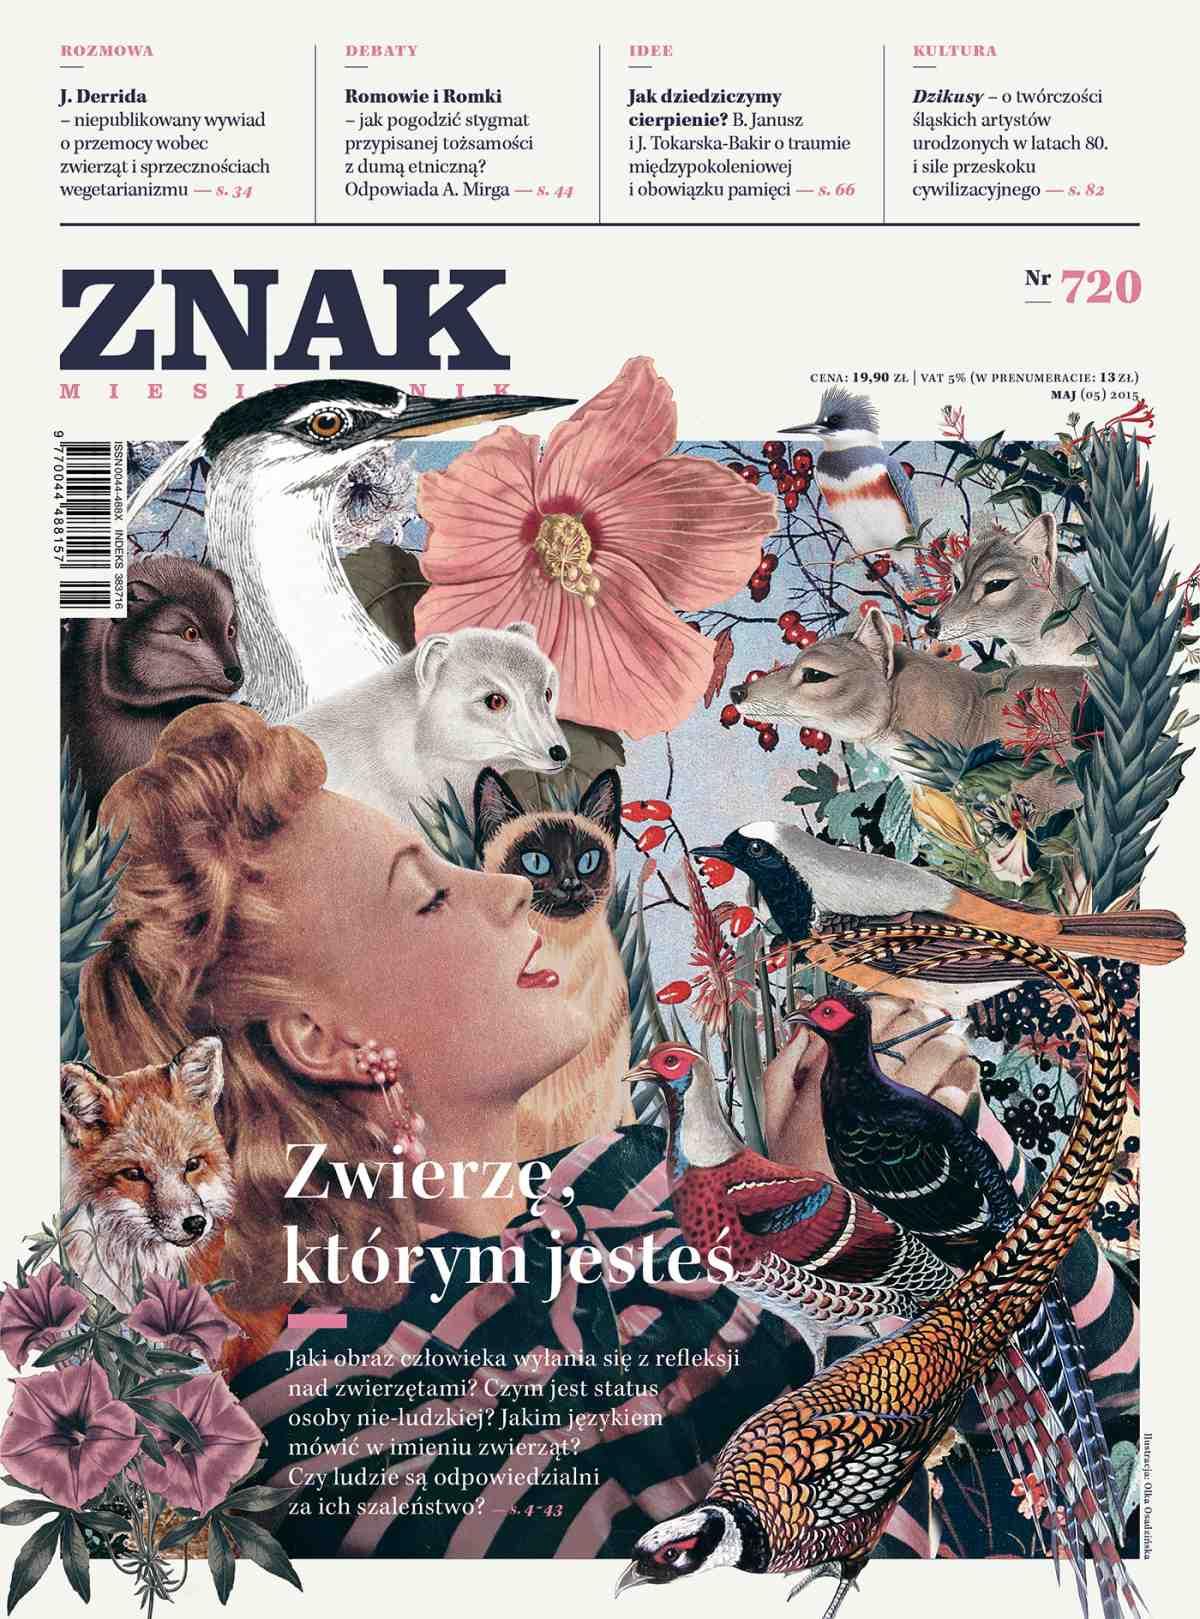 Miesięcznik Znak. Maj 2015 - Ebook (Książka PDF) do pobrania w formacie PDF